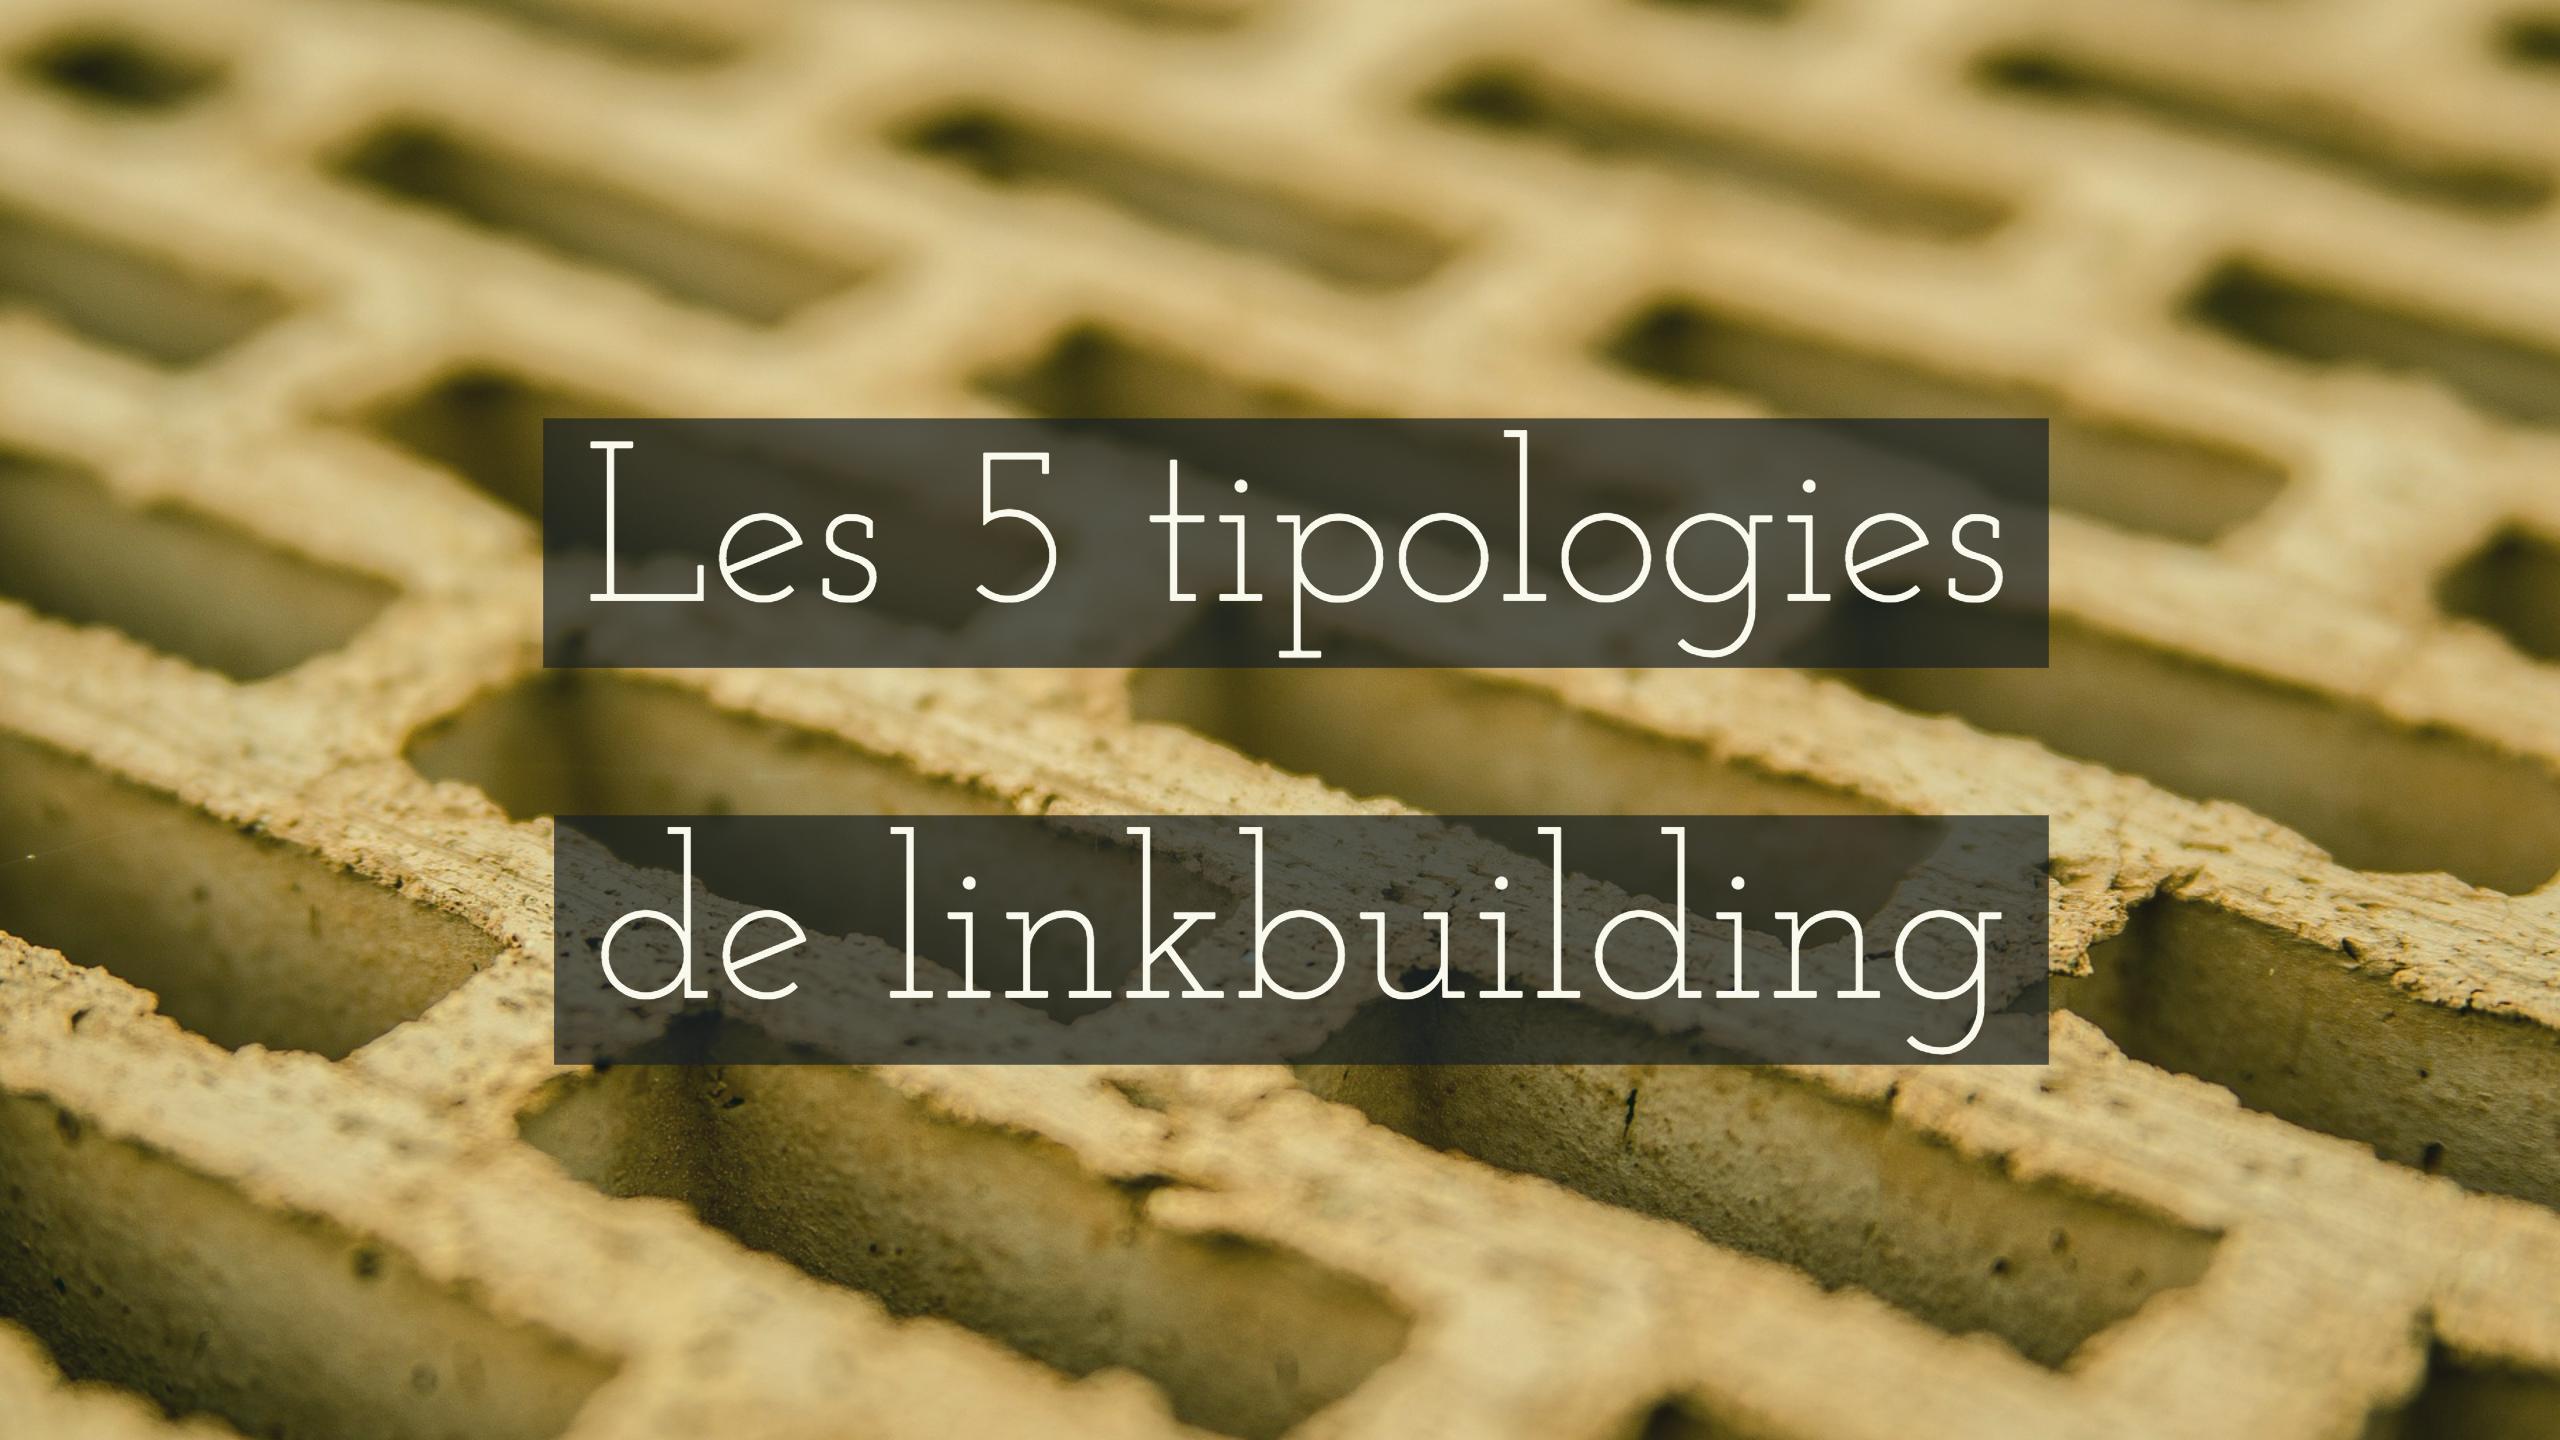 En aquesta imatge es mostren les 5 tipologies de linkbuilding